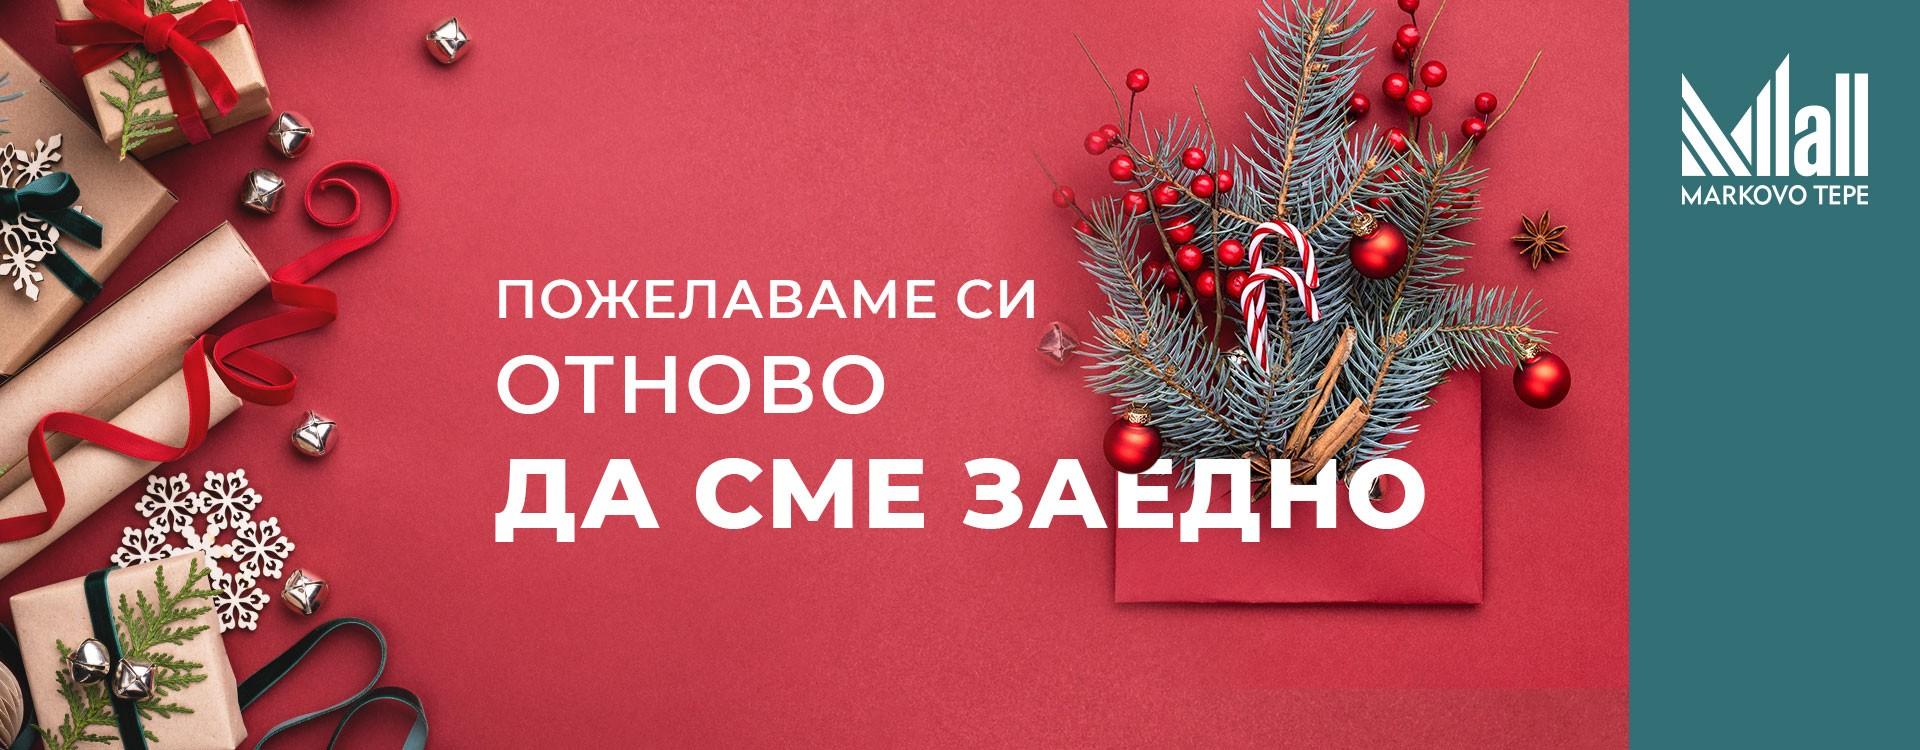 Slider_Christmas-slider_bg_1920x660